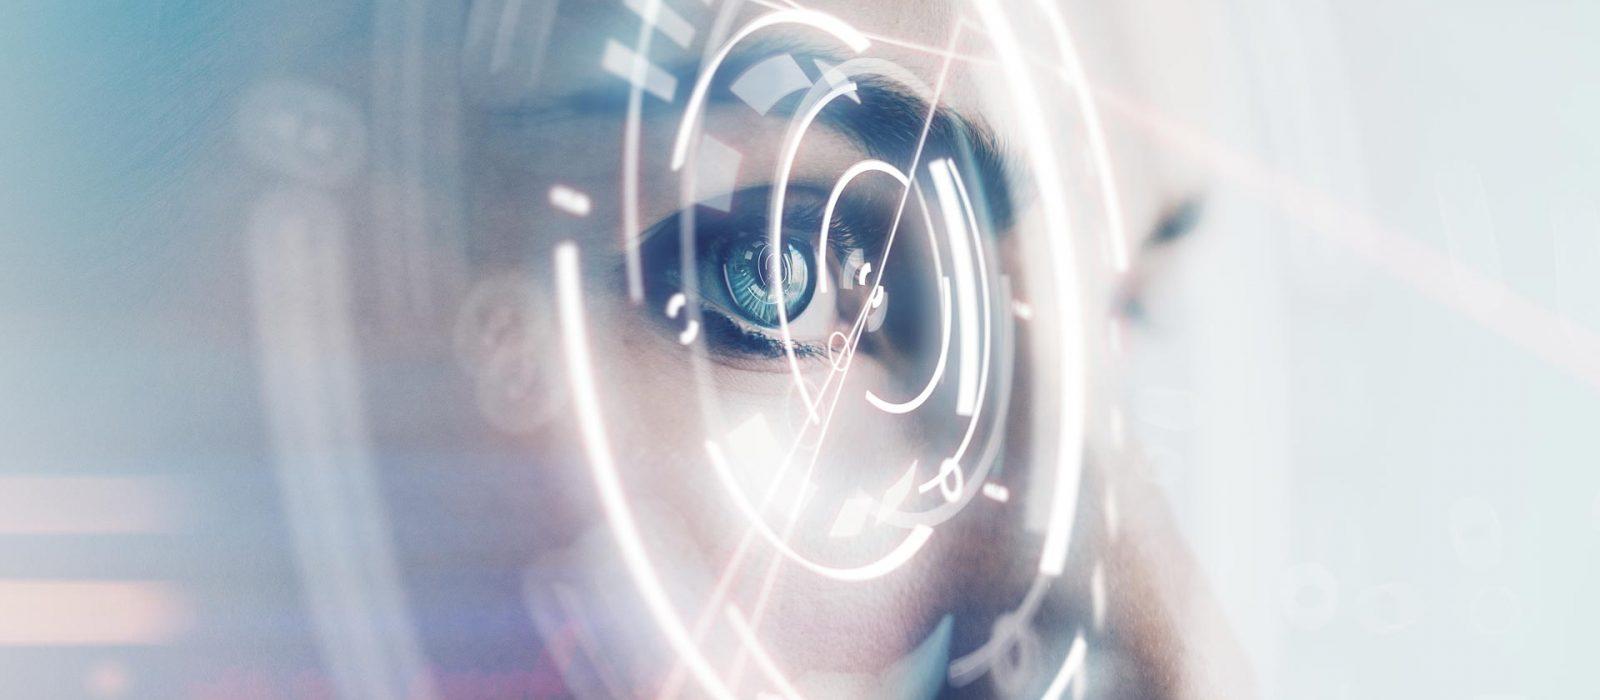 image of eye